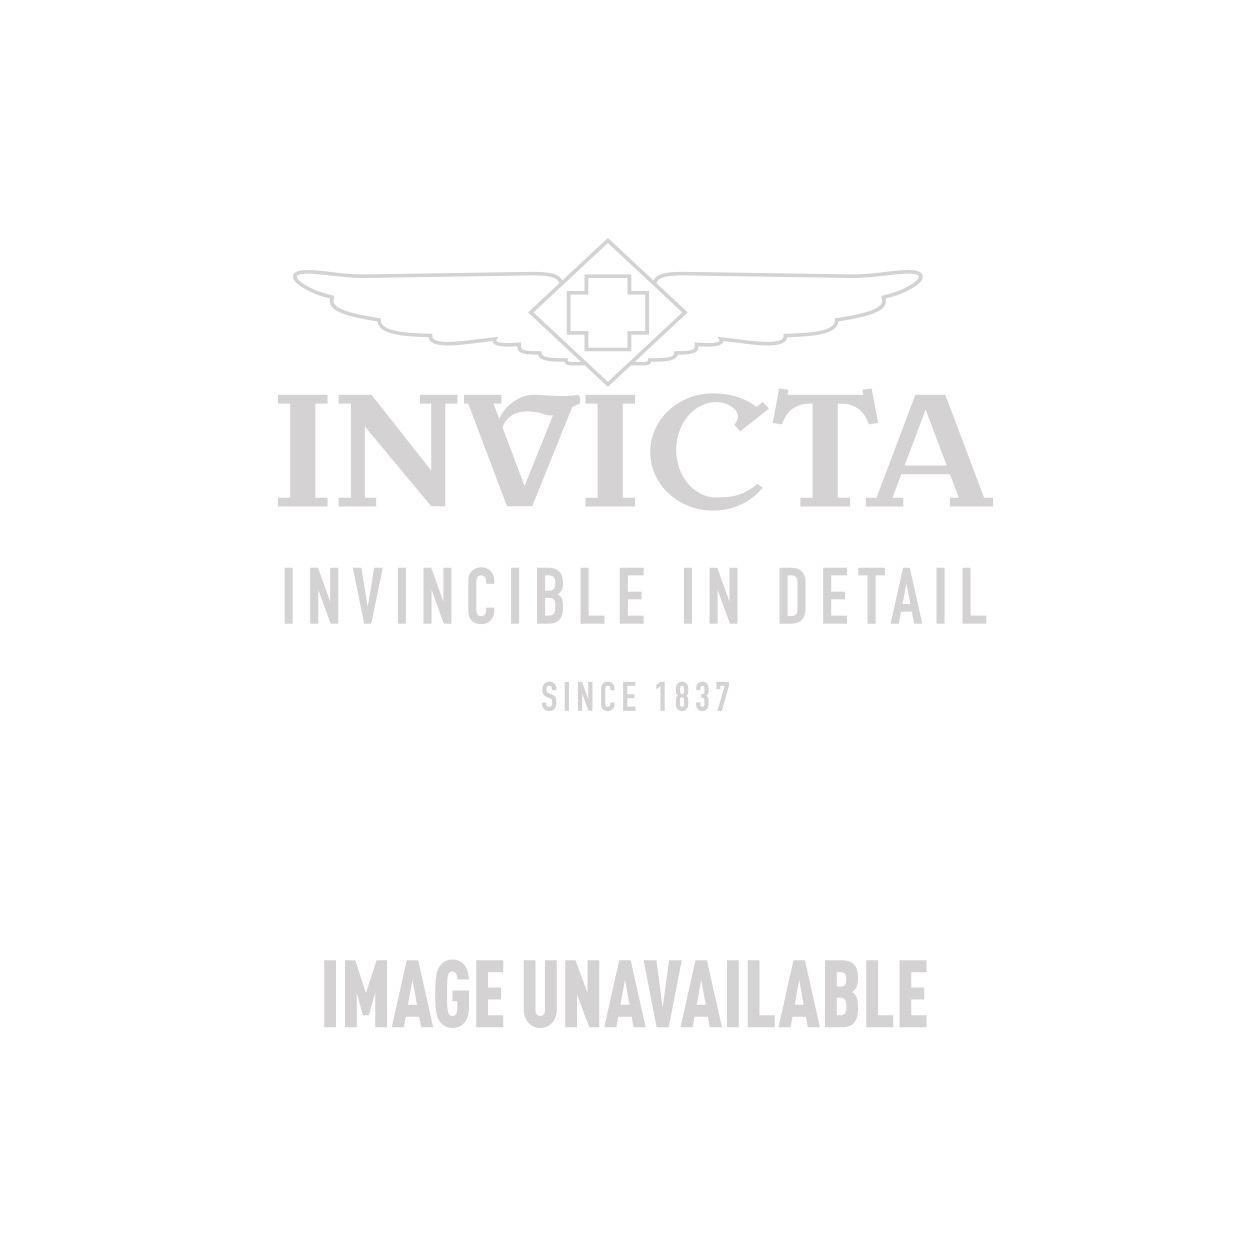 Invicta Model 25377